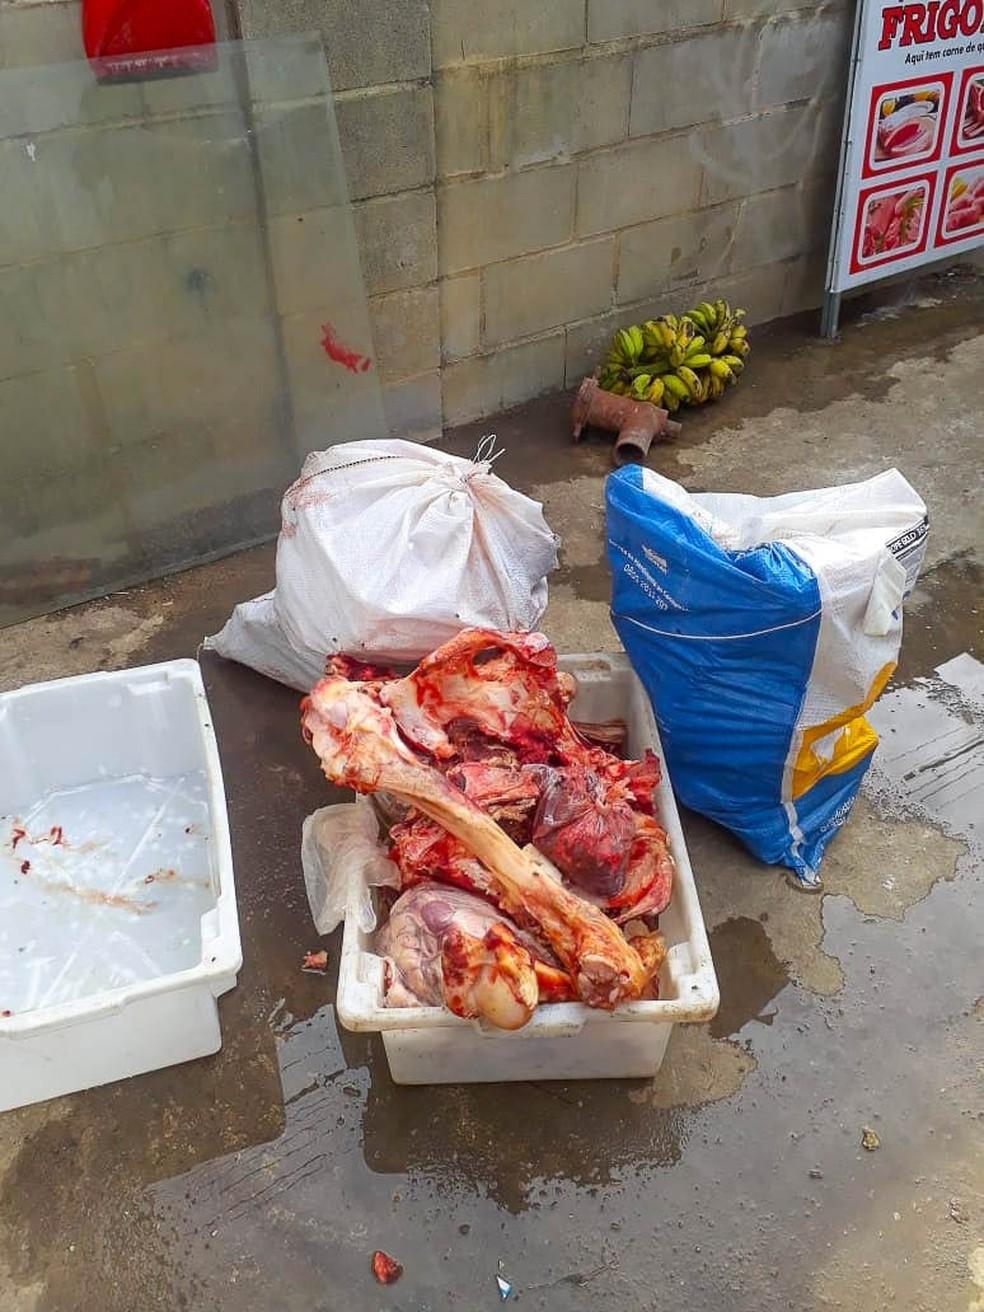 Operação apreendeu quase 1 tonelada de carne de origem clandestina  — Foto: Divulgação/Prefeitura de Linhares